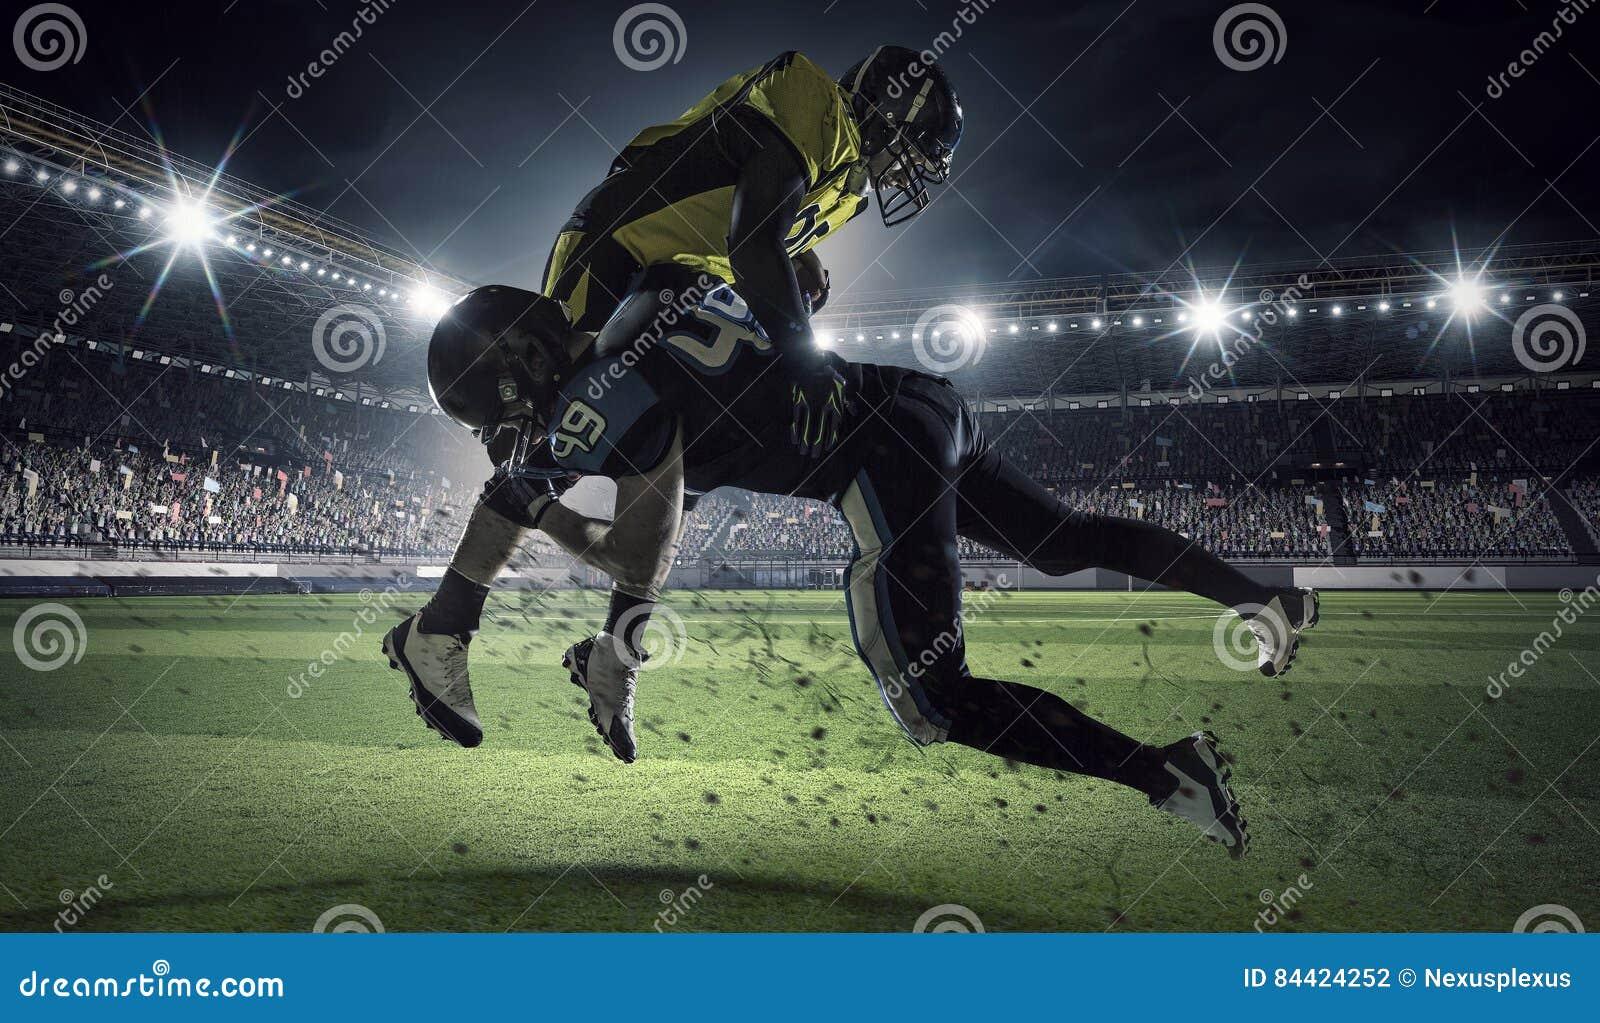 American football players at arena . Mixed media